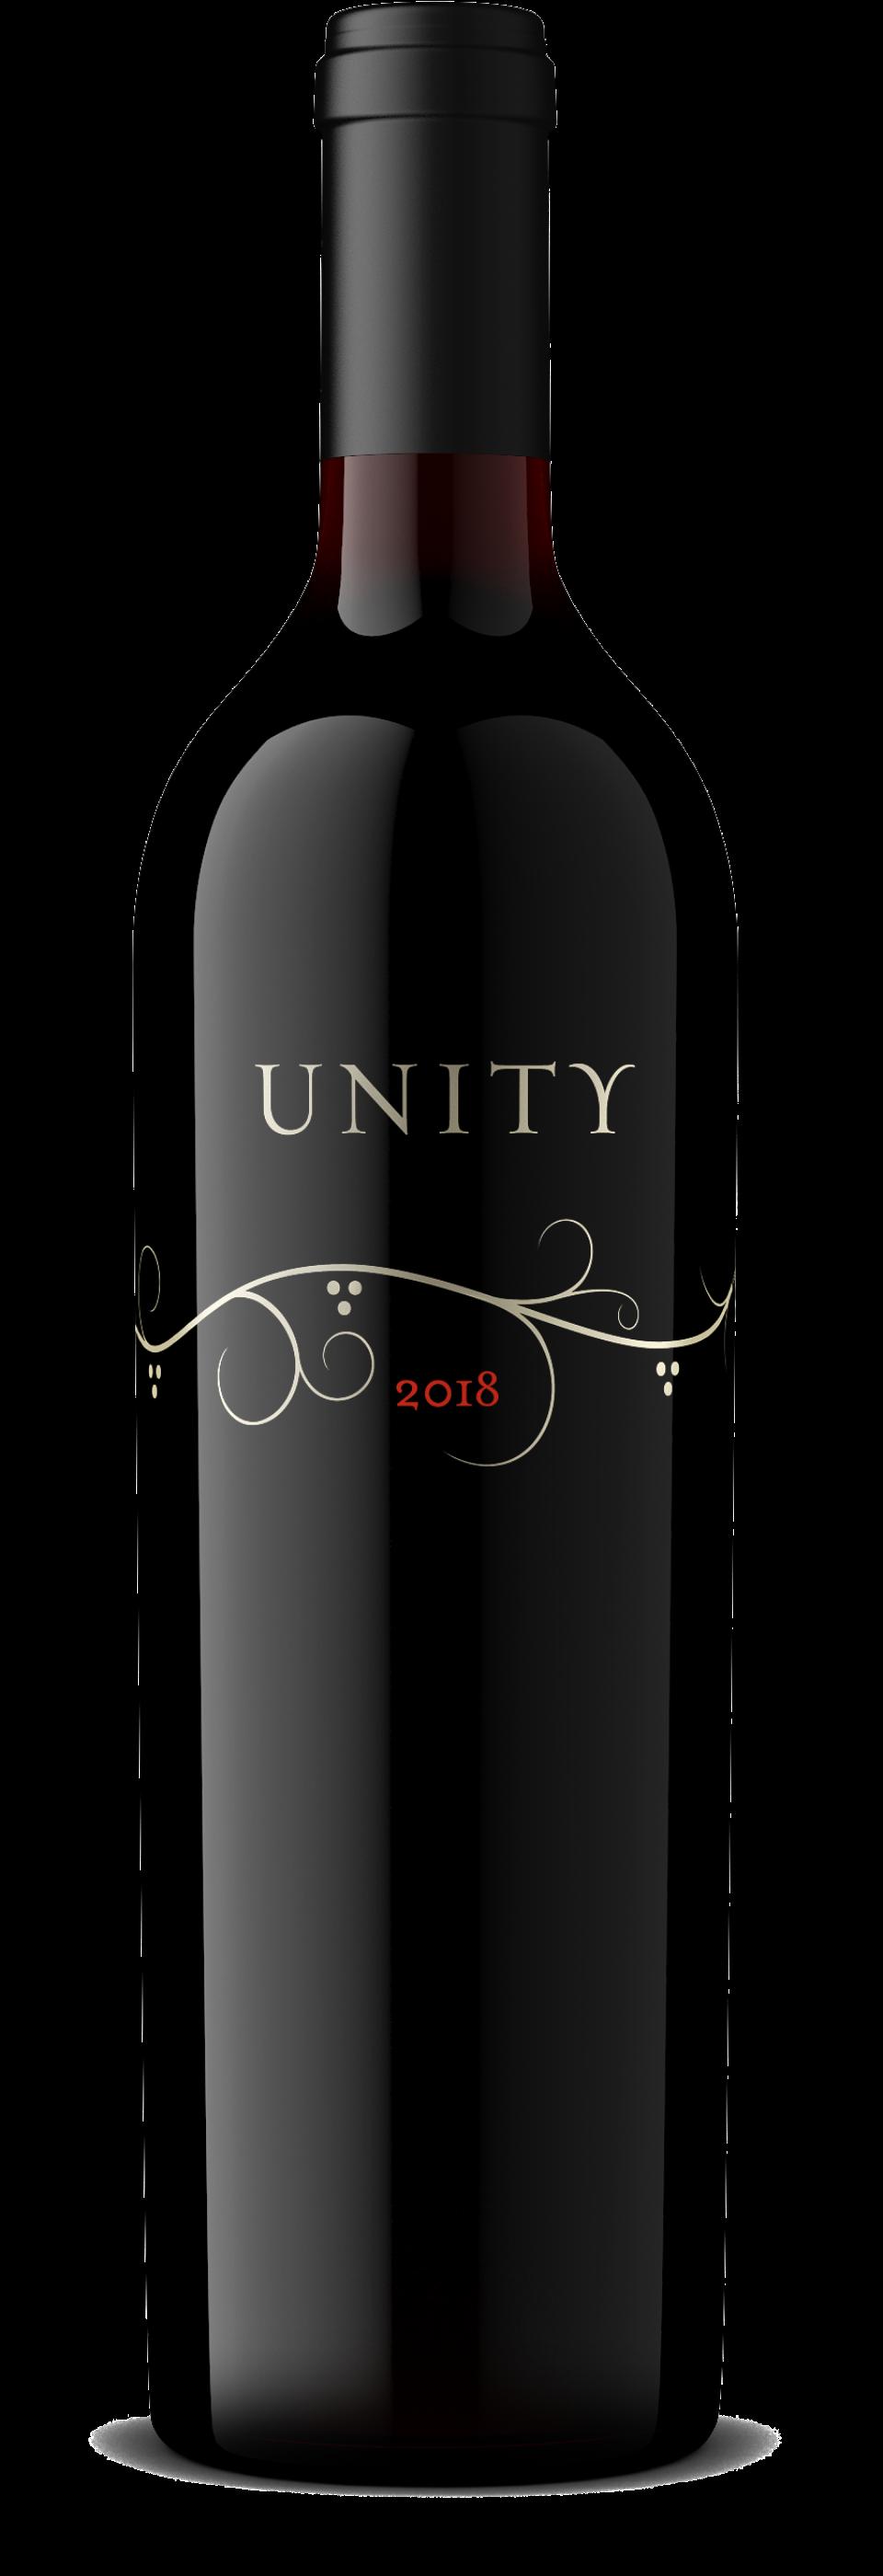 2018 UNITY